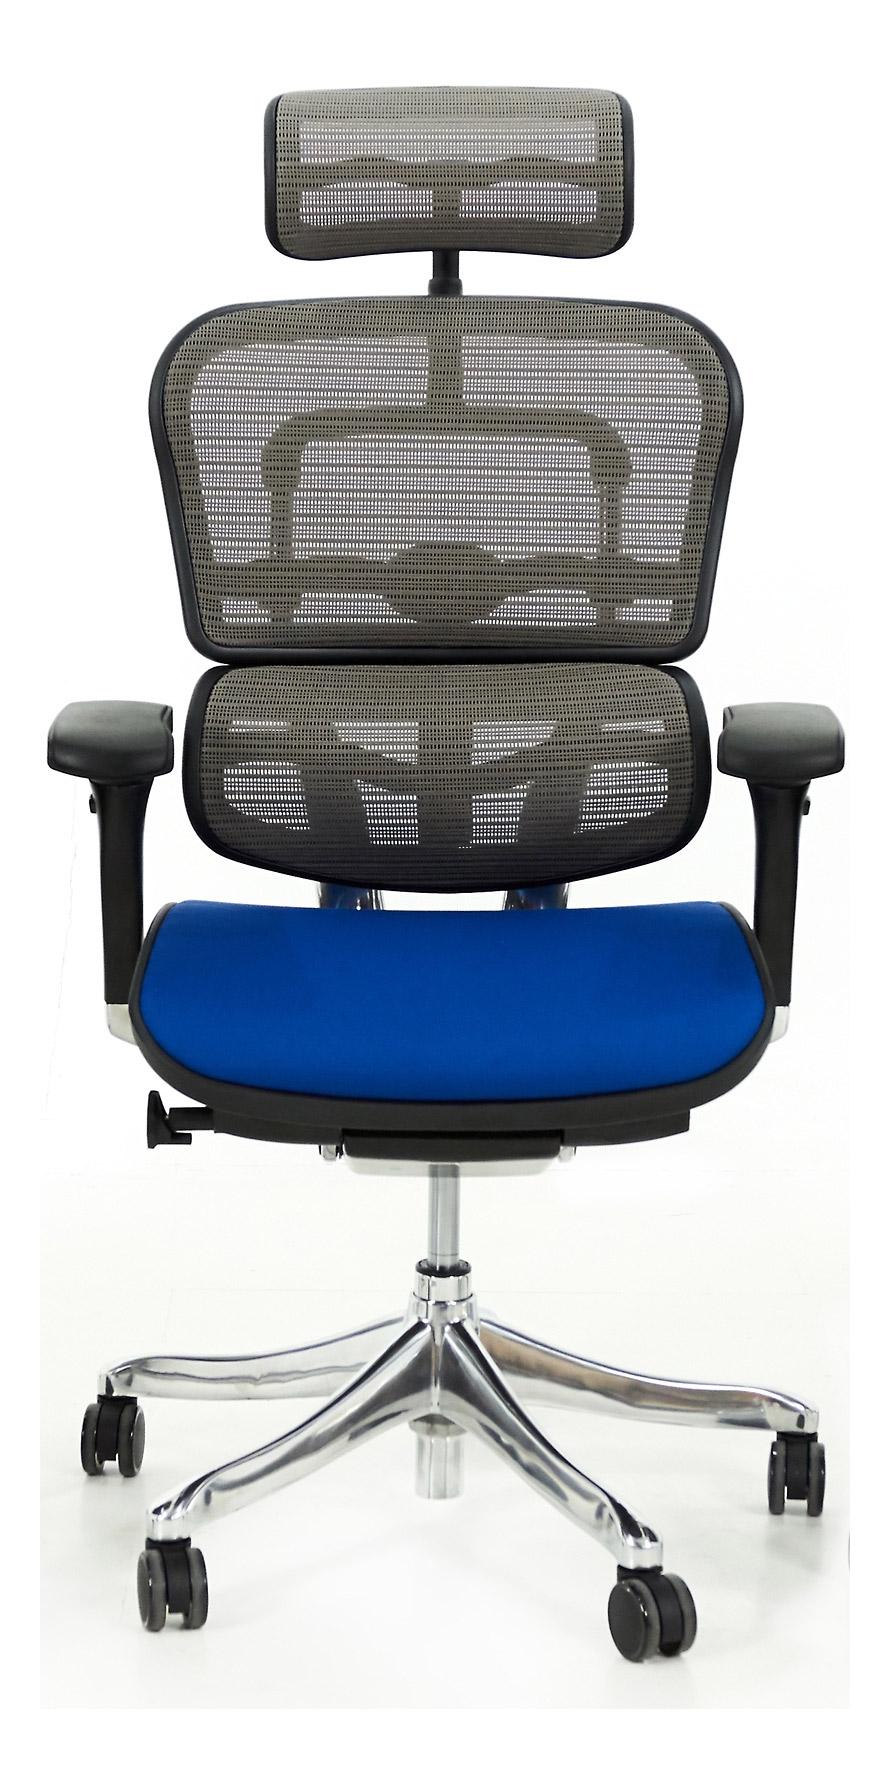 Ergohuman Plus Elite Color, Backrest: KMD 30, Seat: Flex FX03